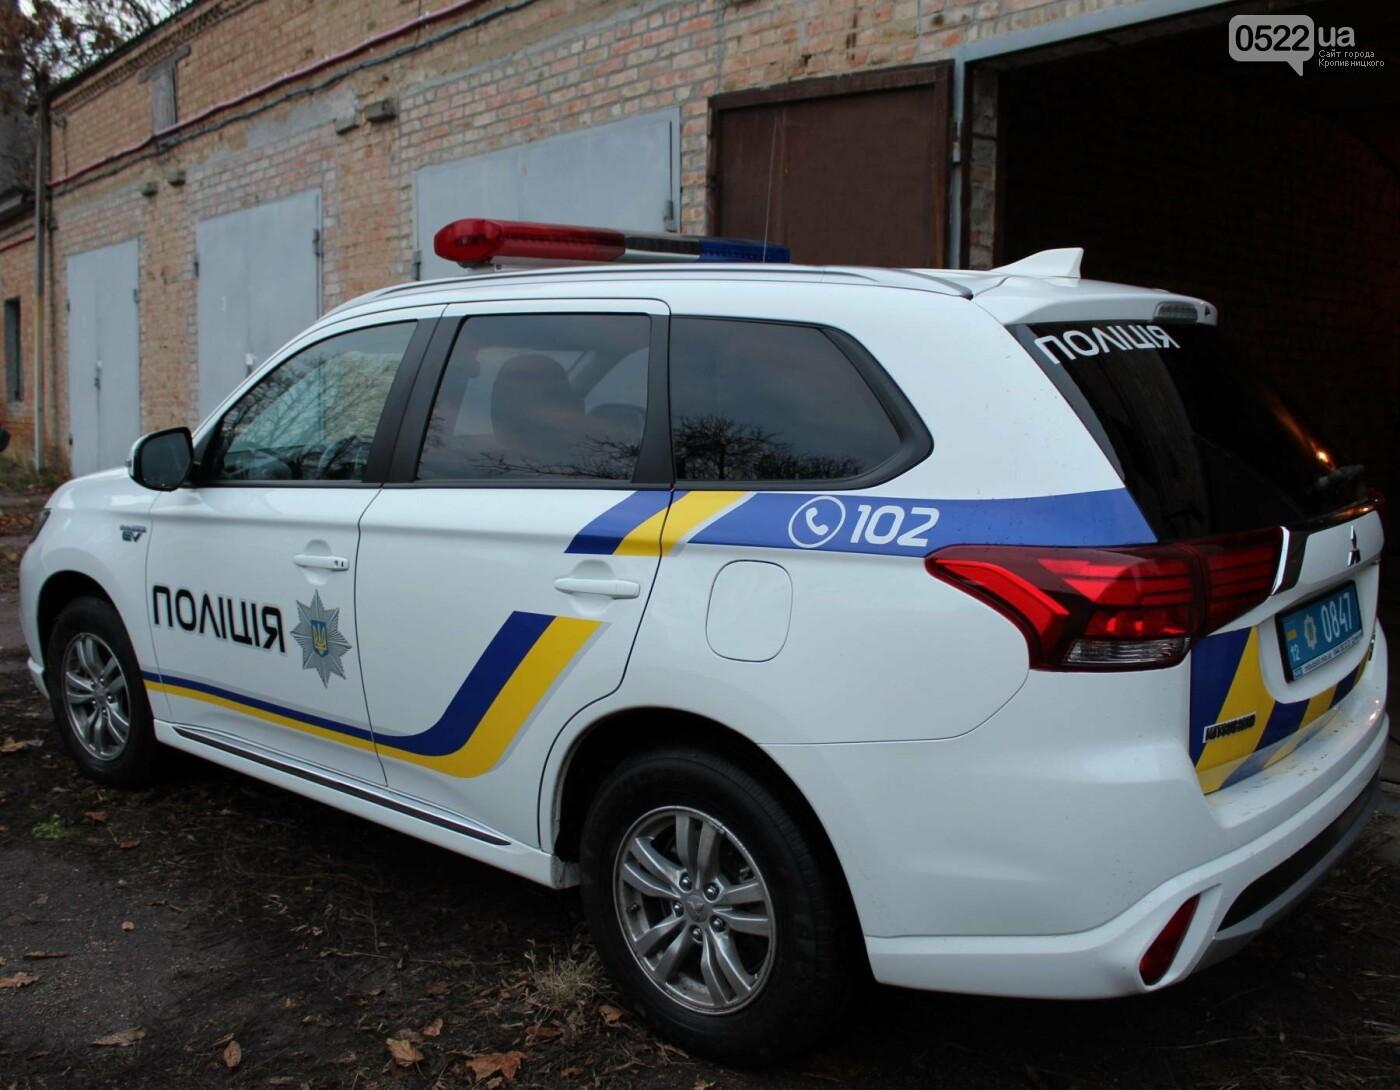 Поліцейські Кіровоградщини одні з перших в Україні провели тендер та закупили пристрої для пришвидшеної зарядки автомобілів (ФОТО, ВИДЕО), фото-6